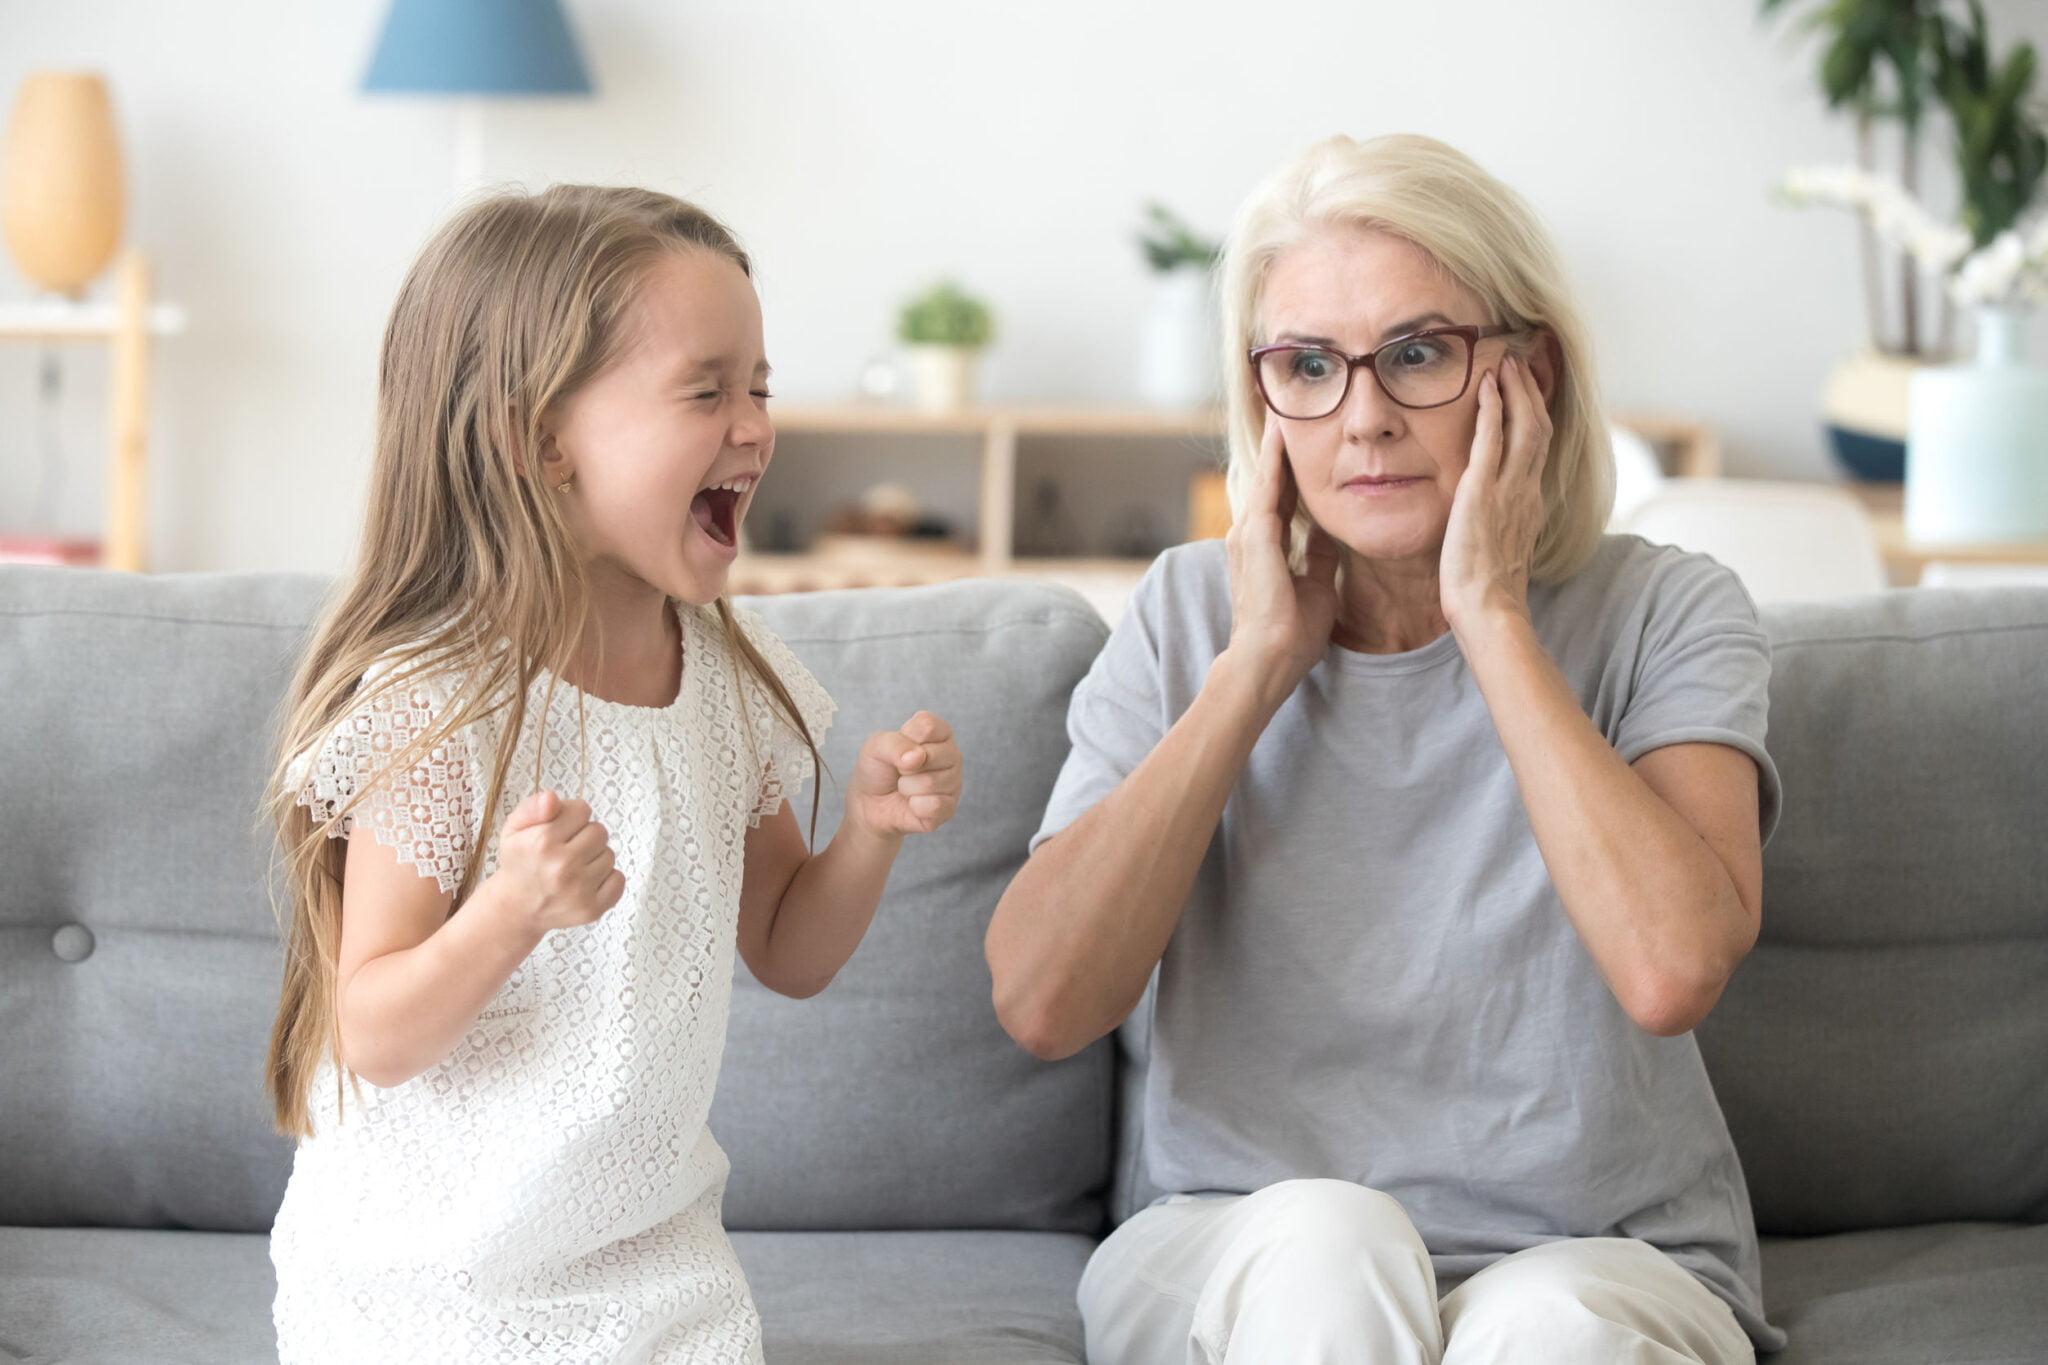 25 uitspraken die je moeder zei (en die je jezelf ook te vaak naar je zin hoort zeggen) - Mamaliefde.nl